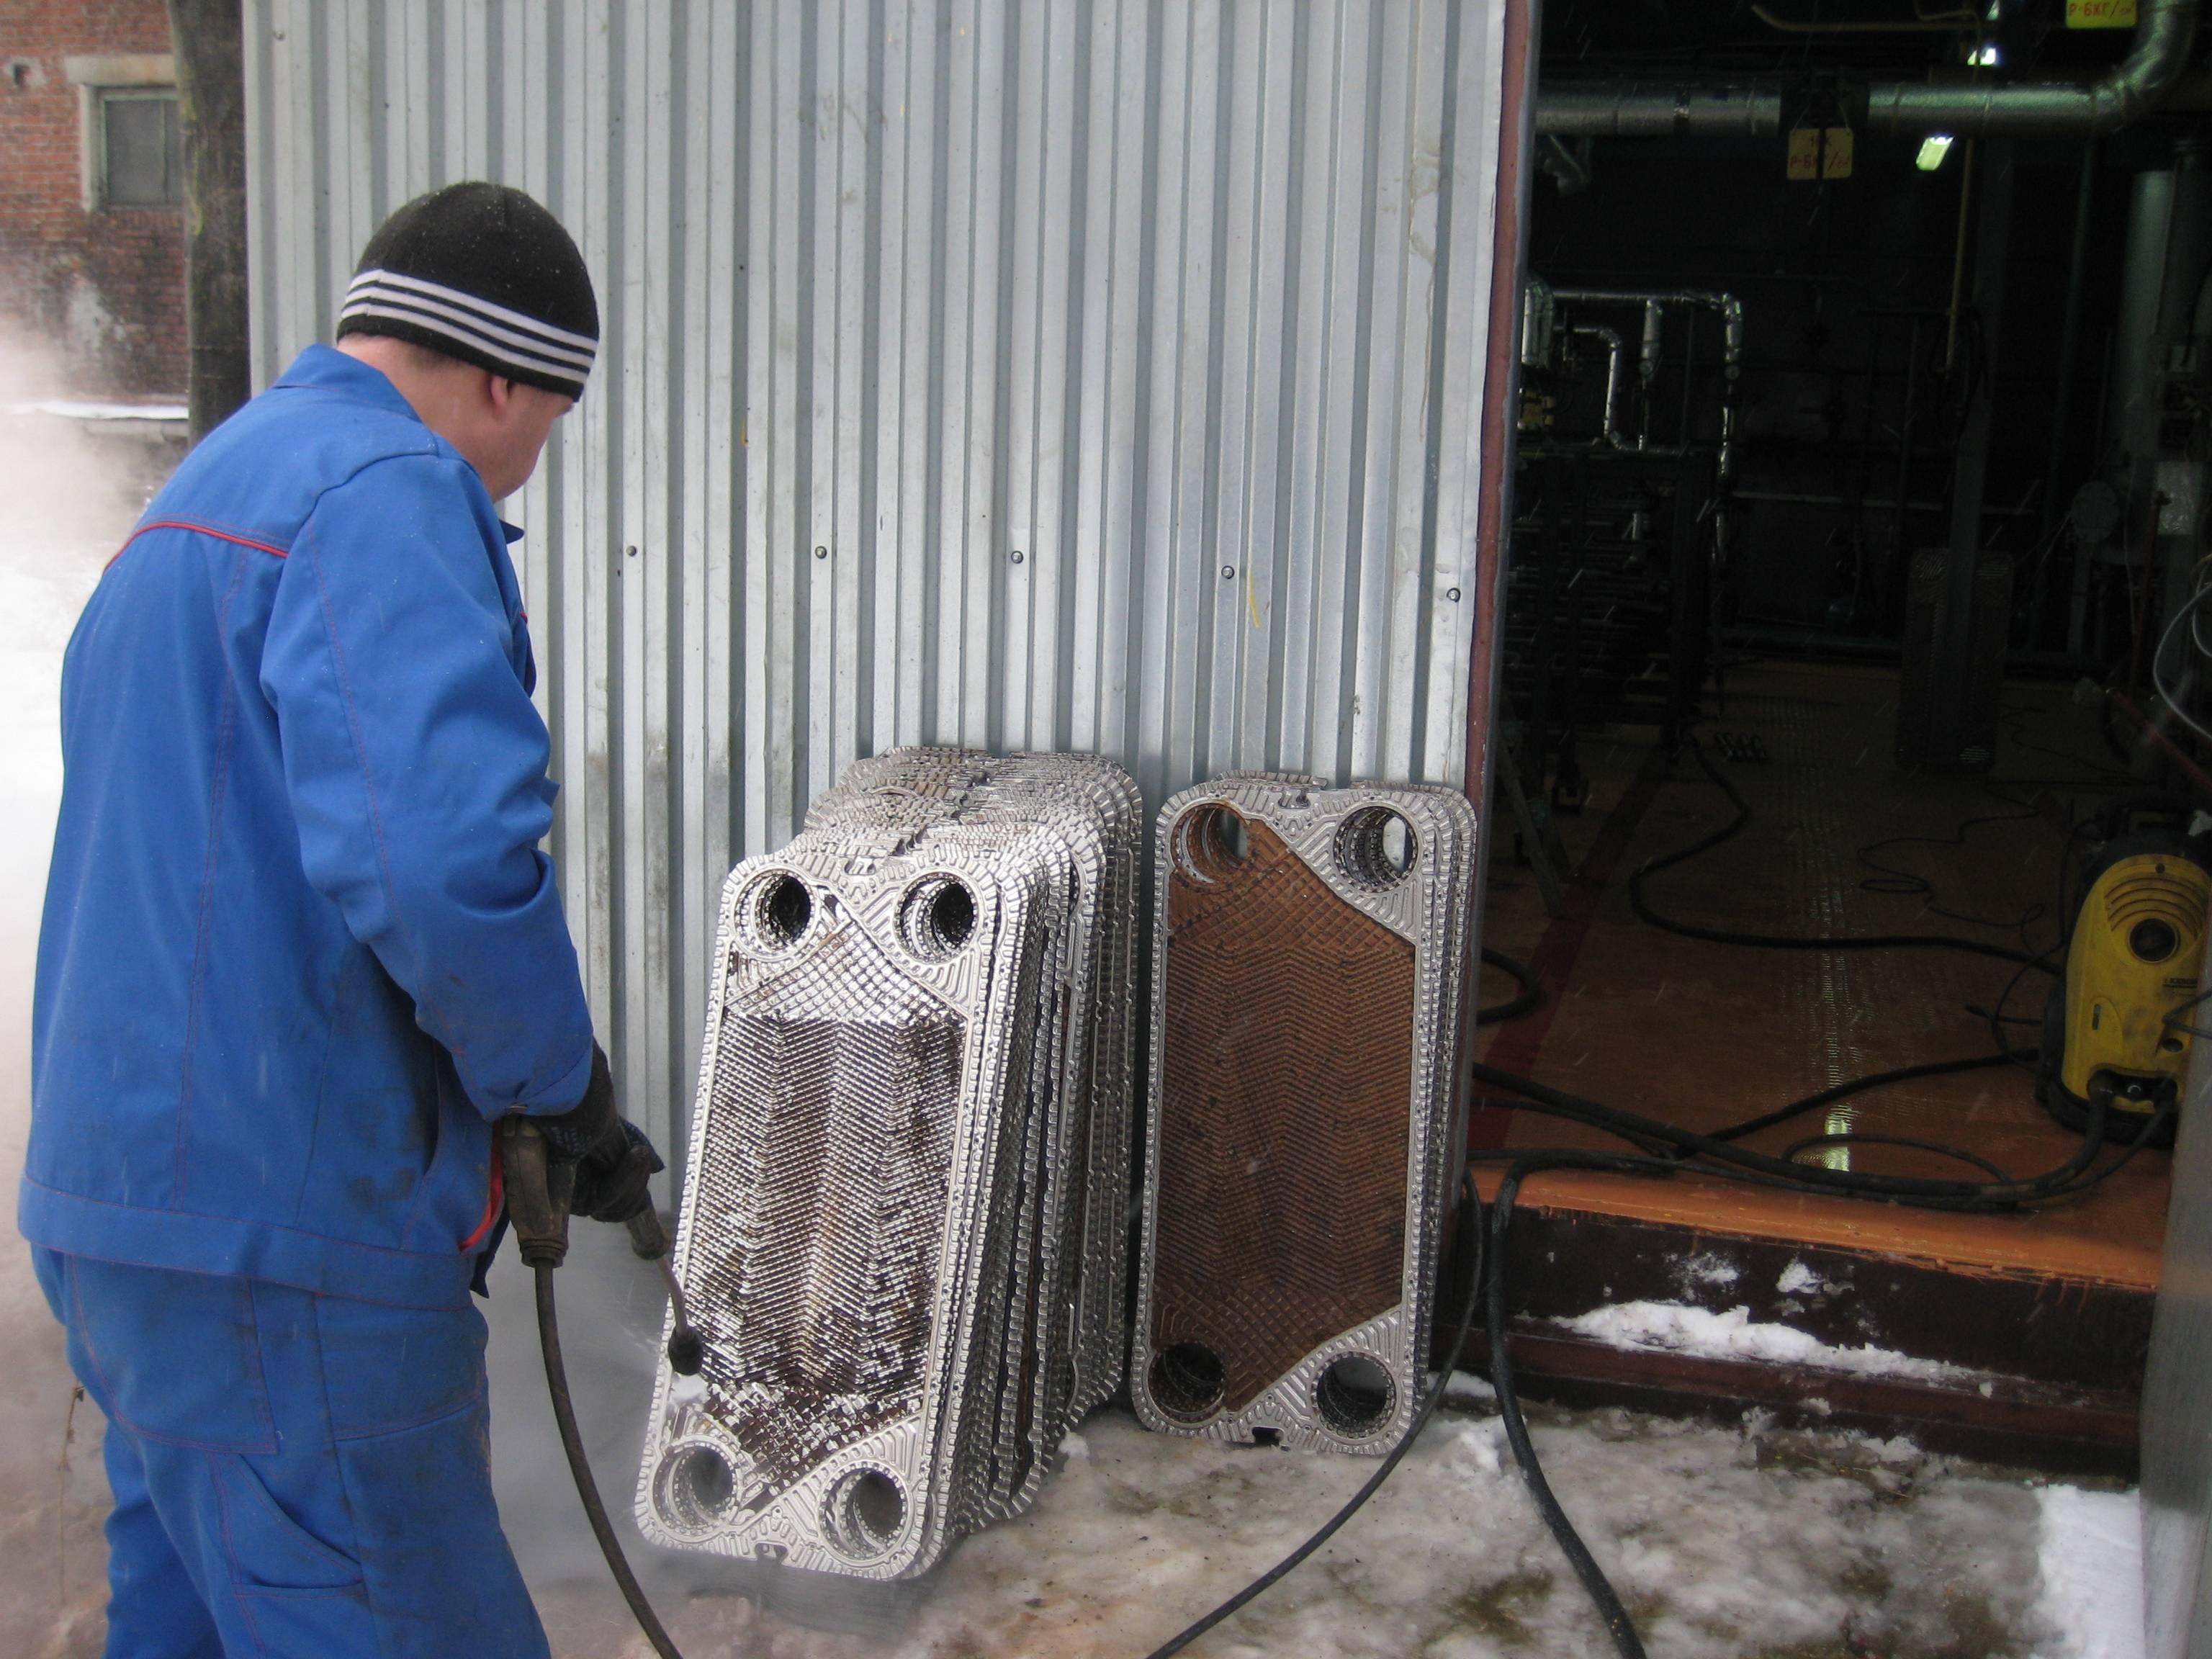 Промывка теплообменника газового котла - чем промыть, какое средство использовать для промывки своими руками